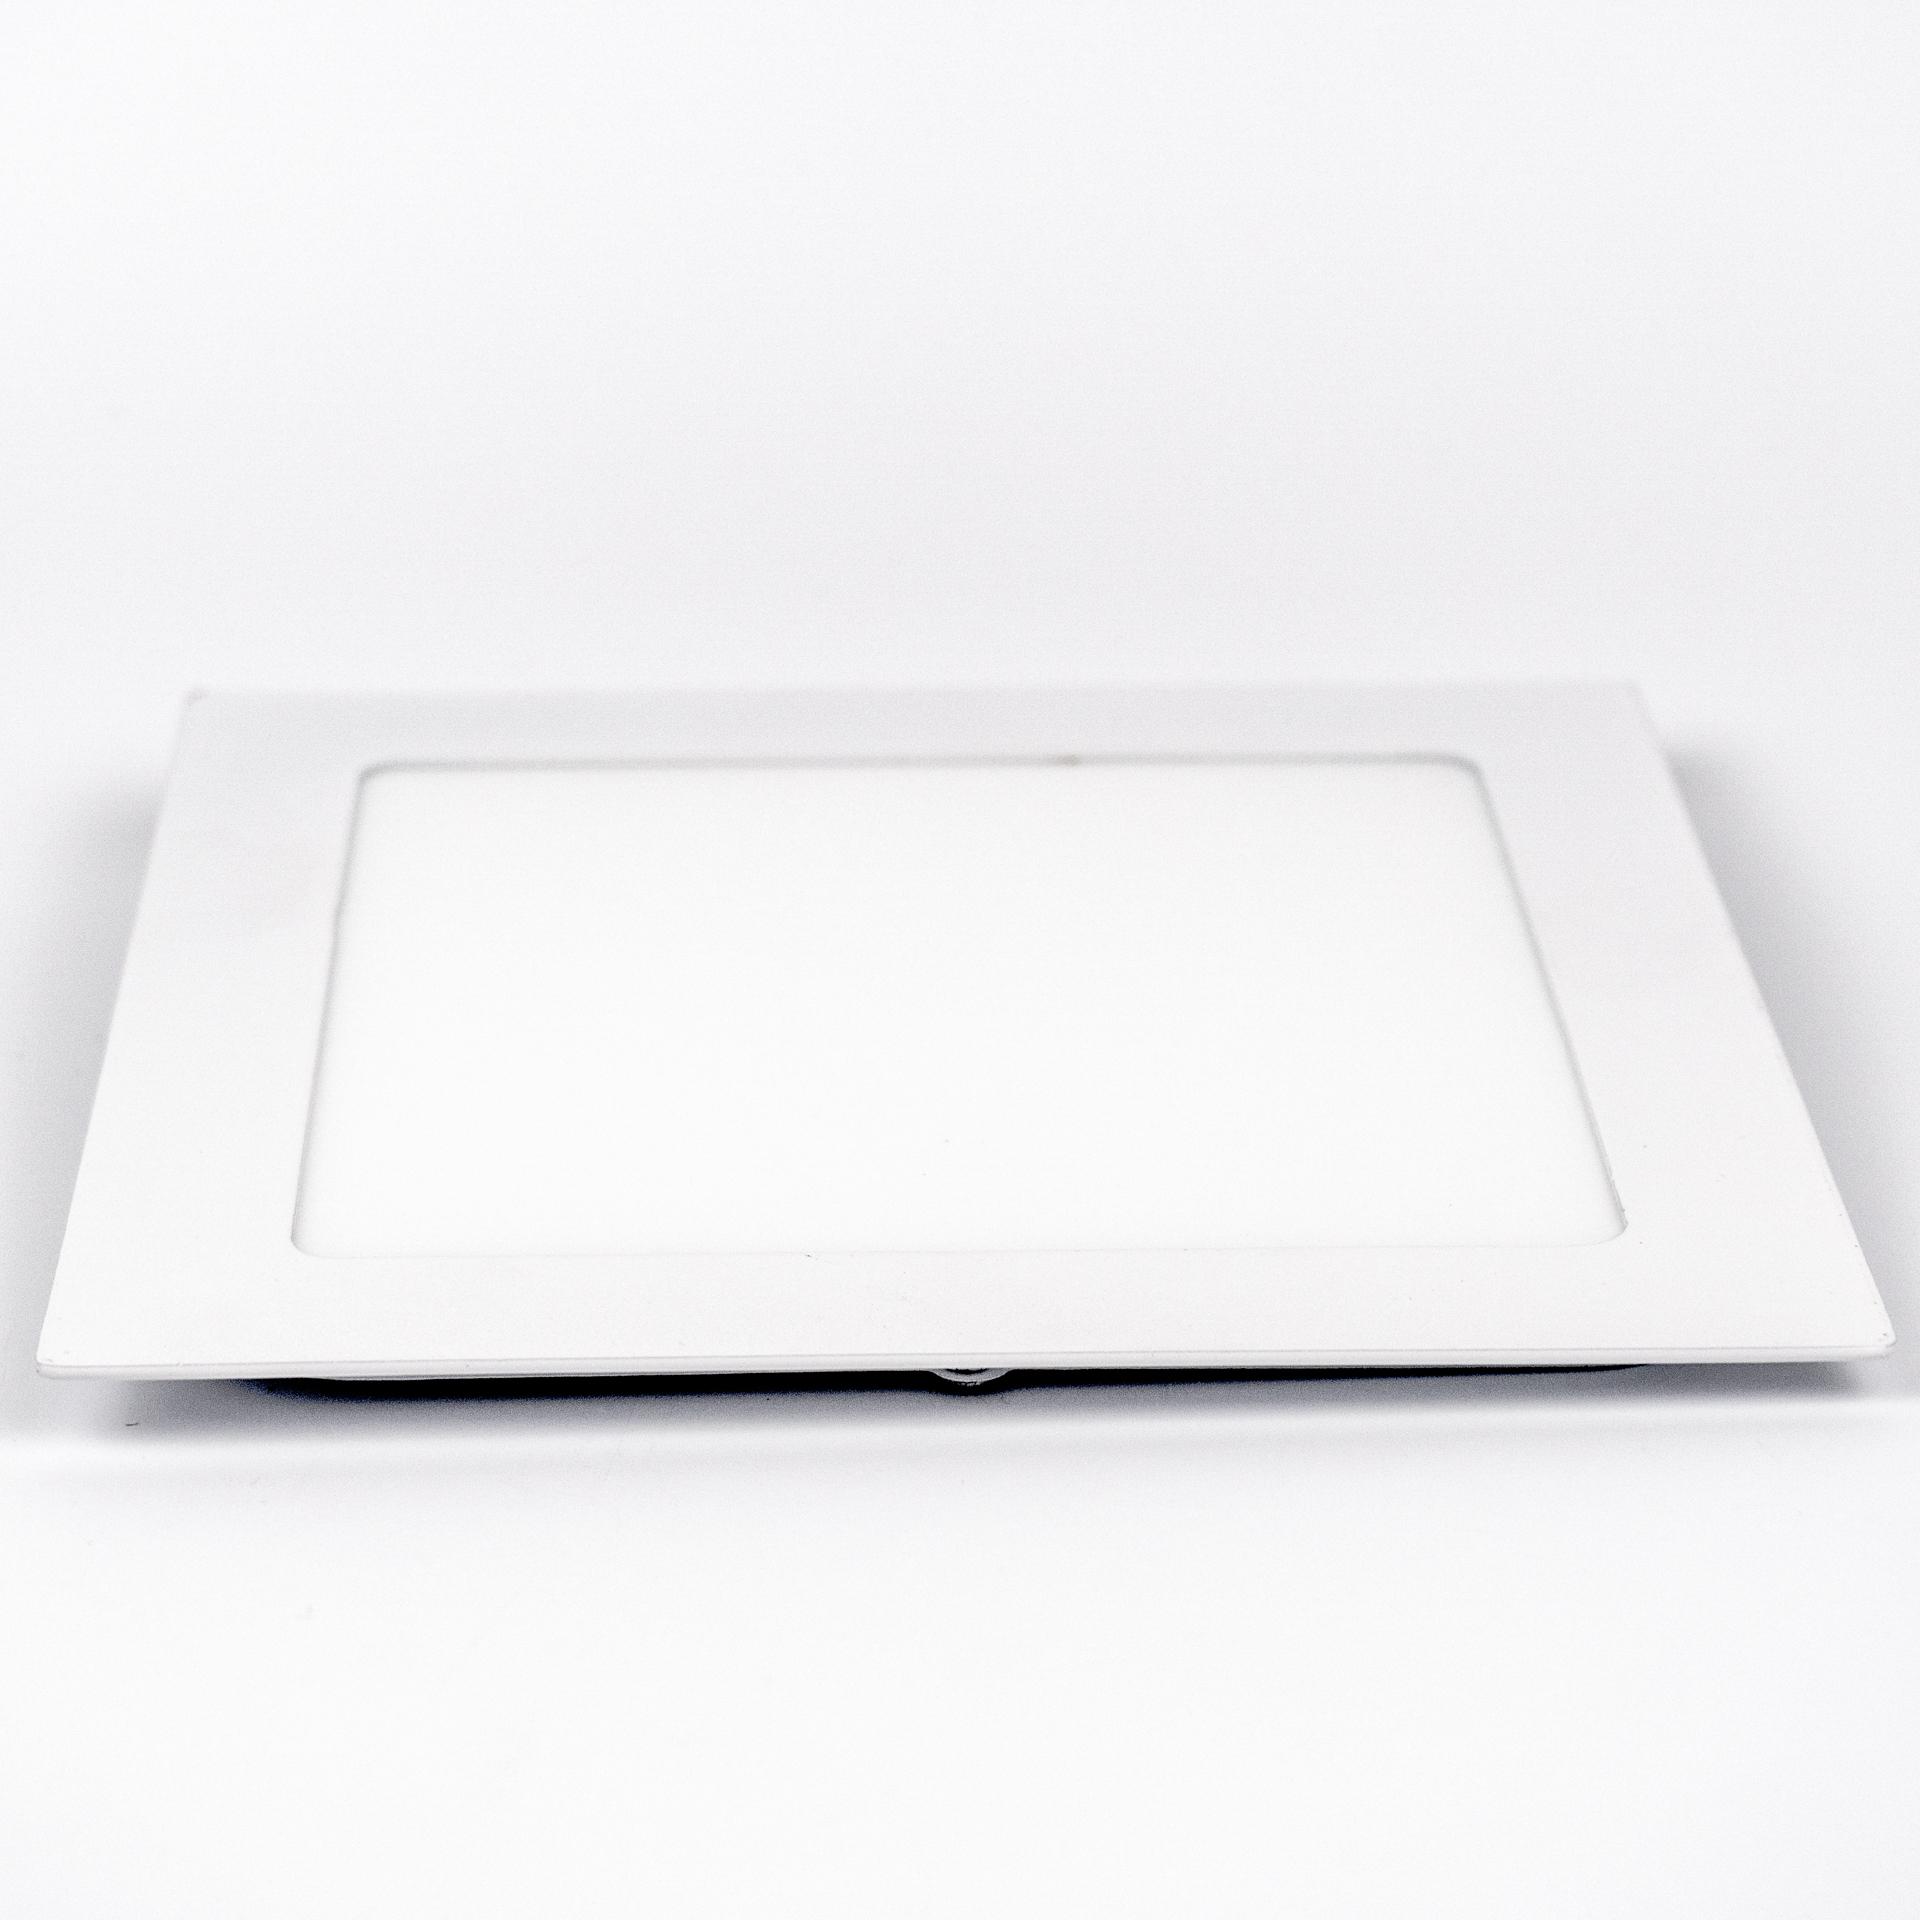 LED Panel Süllyeszthető 12W Négyzet Meleg Fehér LPA-V12N